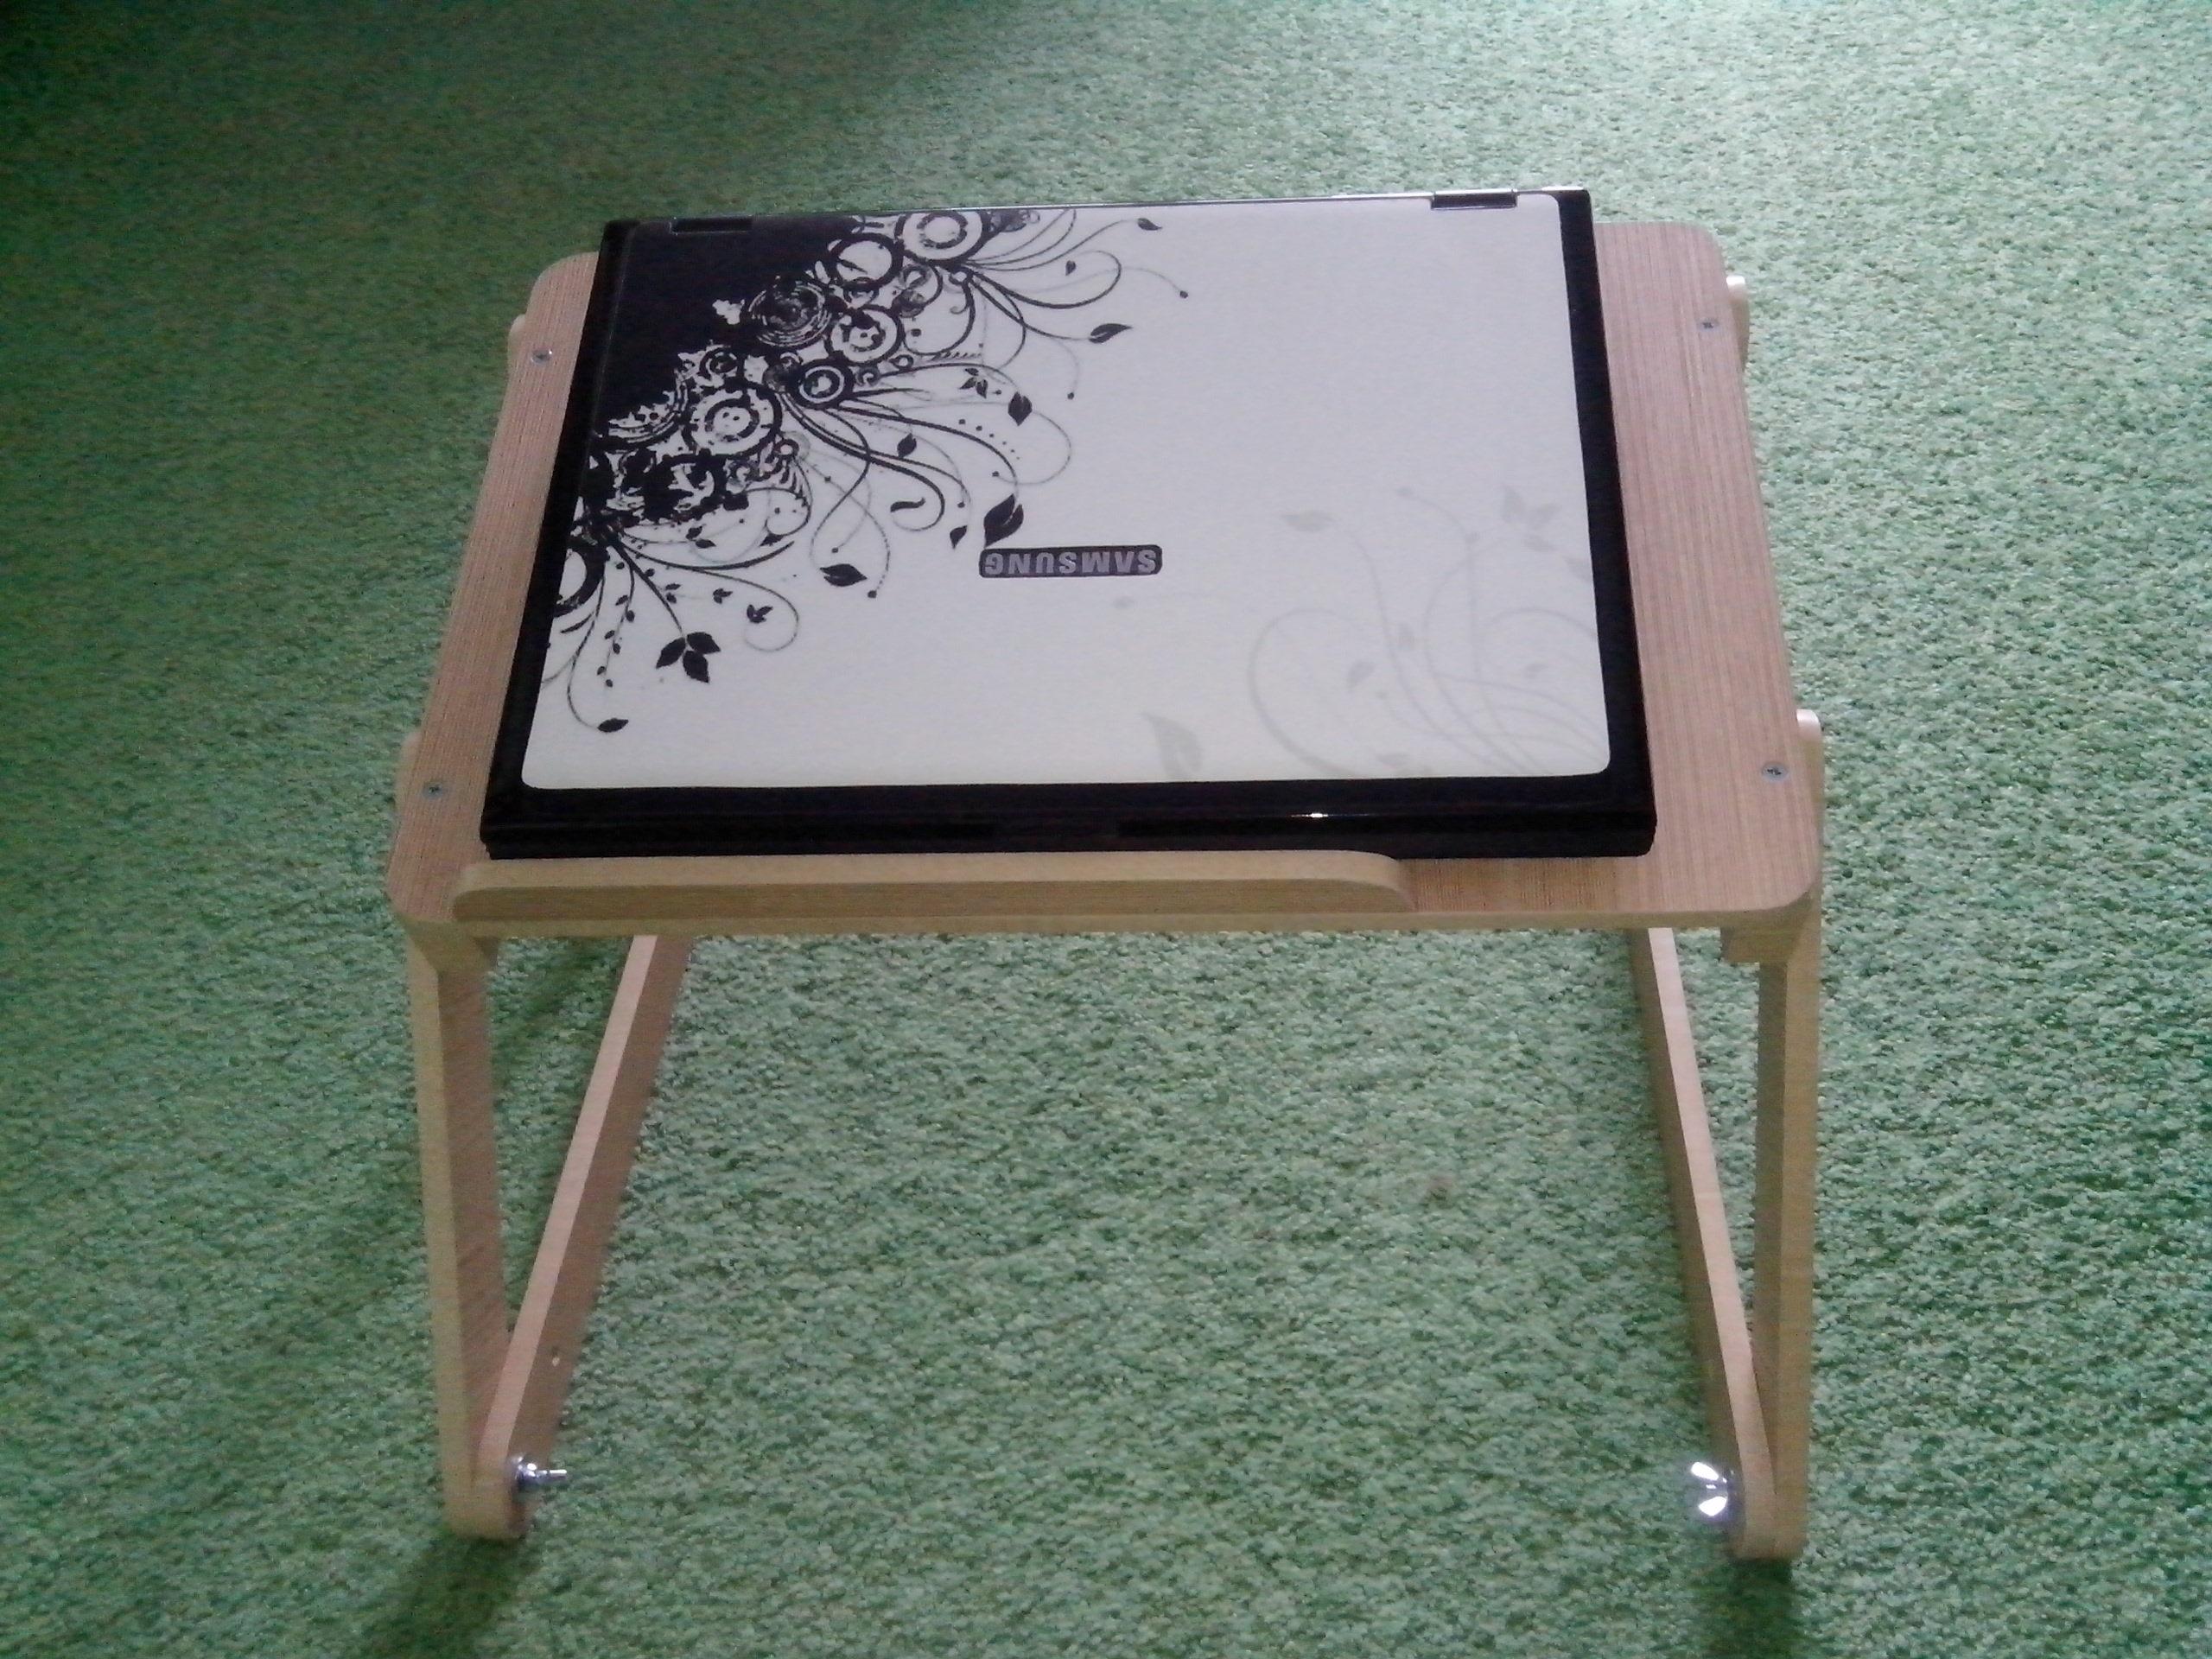 столик під ноутбук, зображення 1